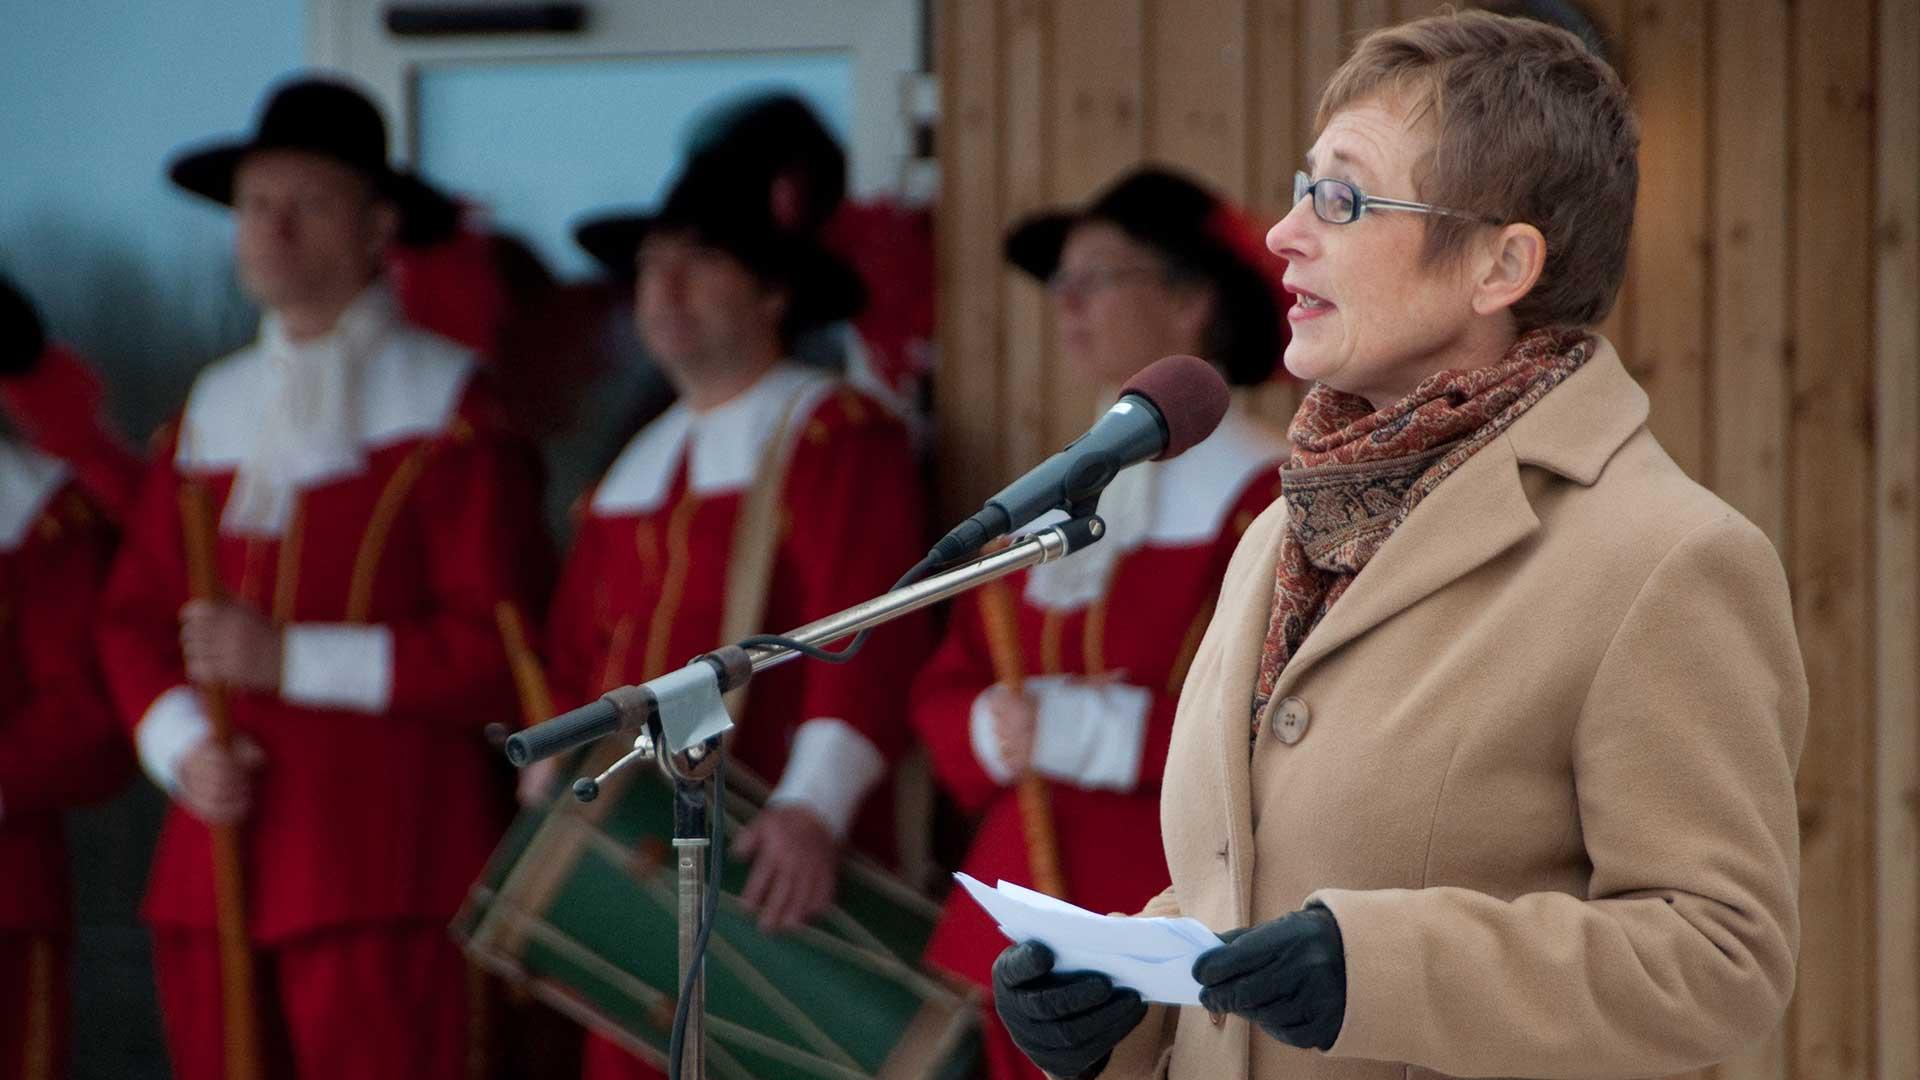 Naturvårdsverkets Generaldirektör Maria Ågren Inviger Naturum 2010. Ensemble Mare Balticum Spelade Stämningsfullt.